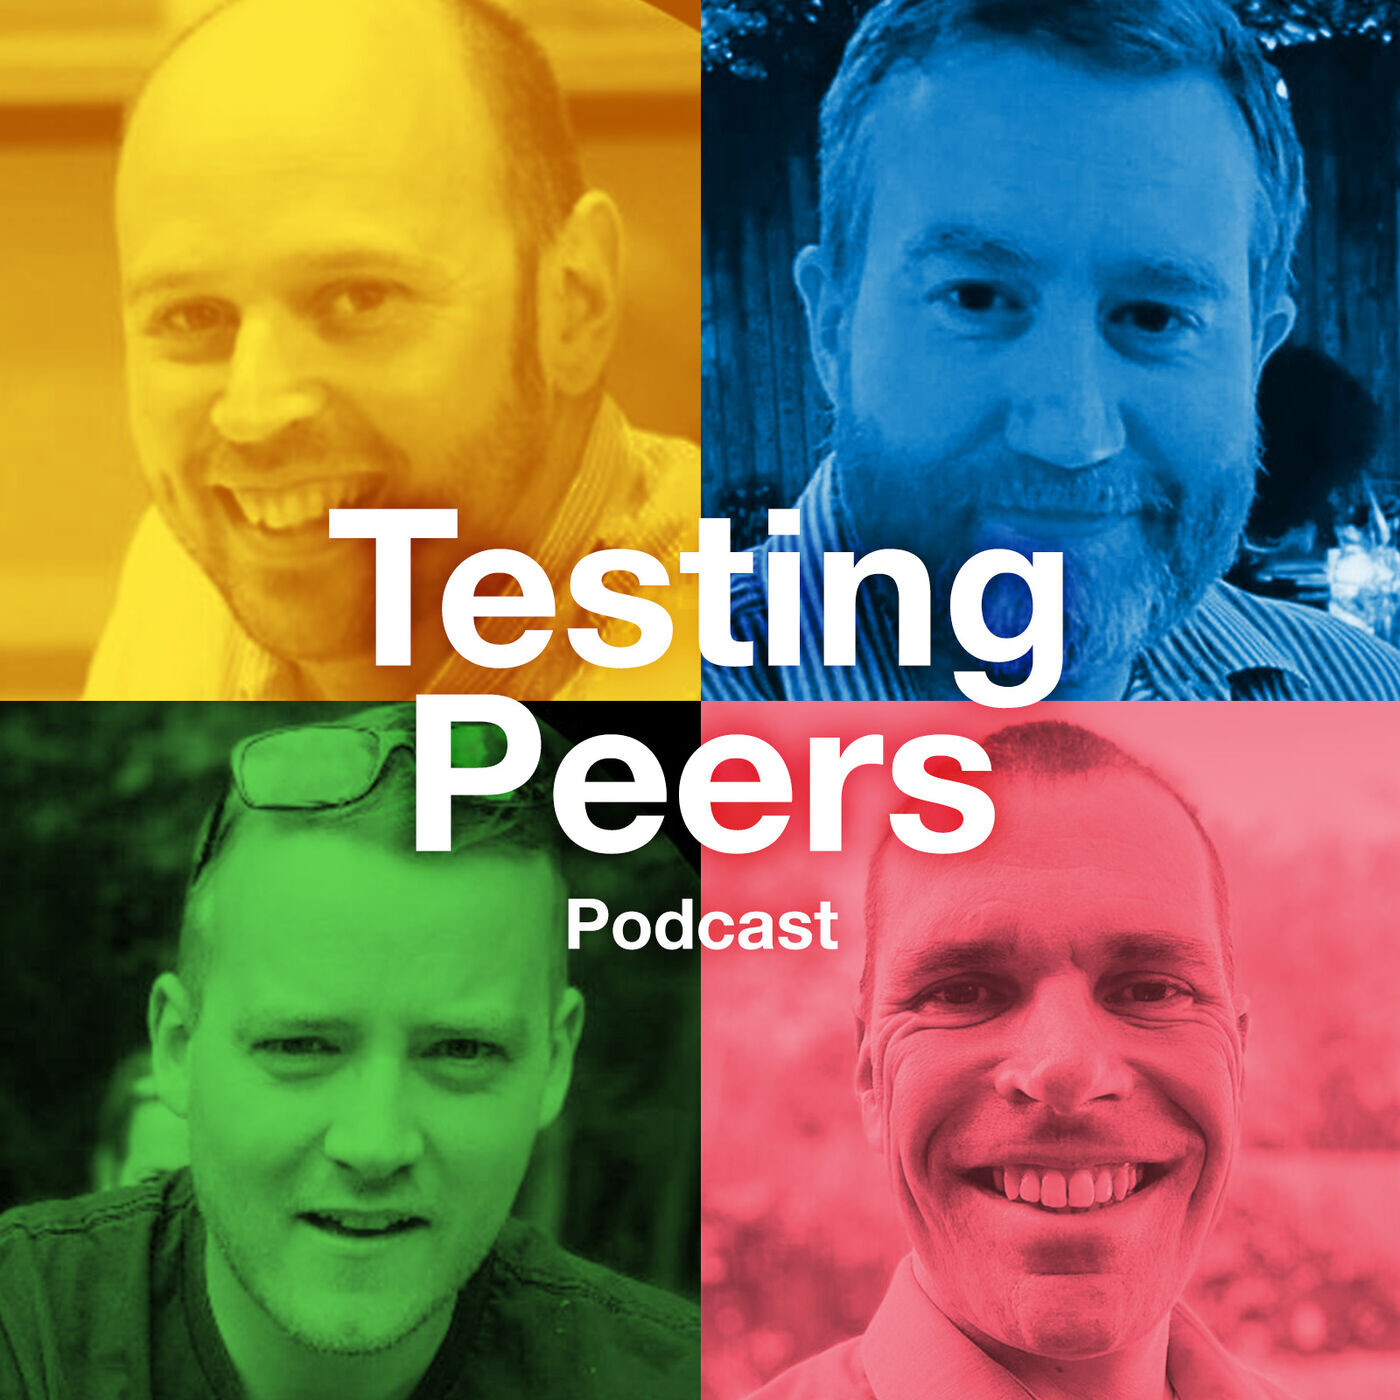 Testing Peers